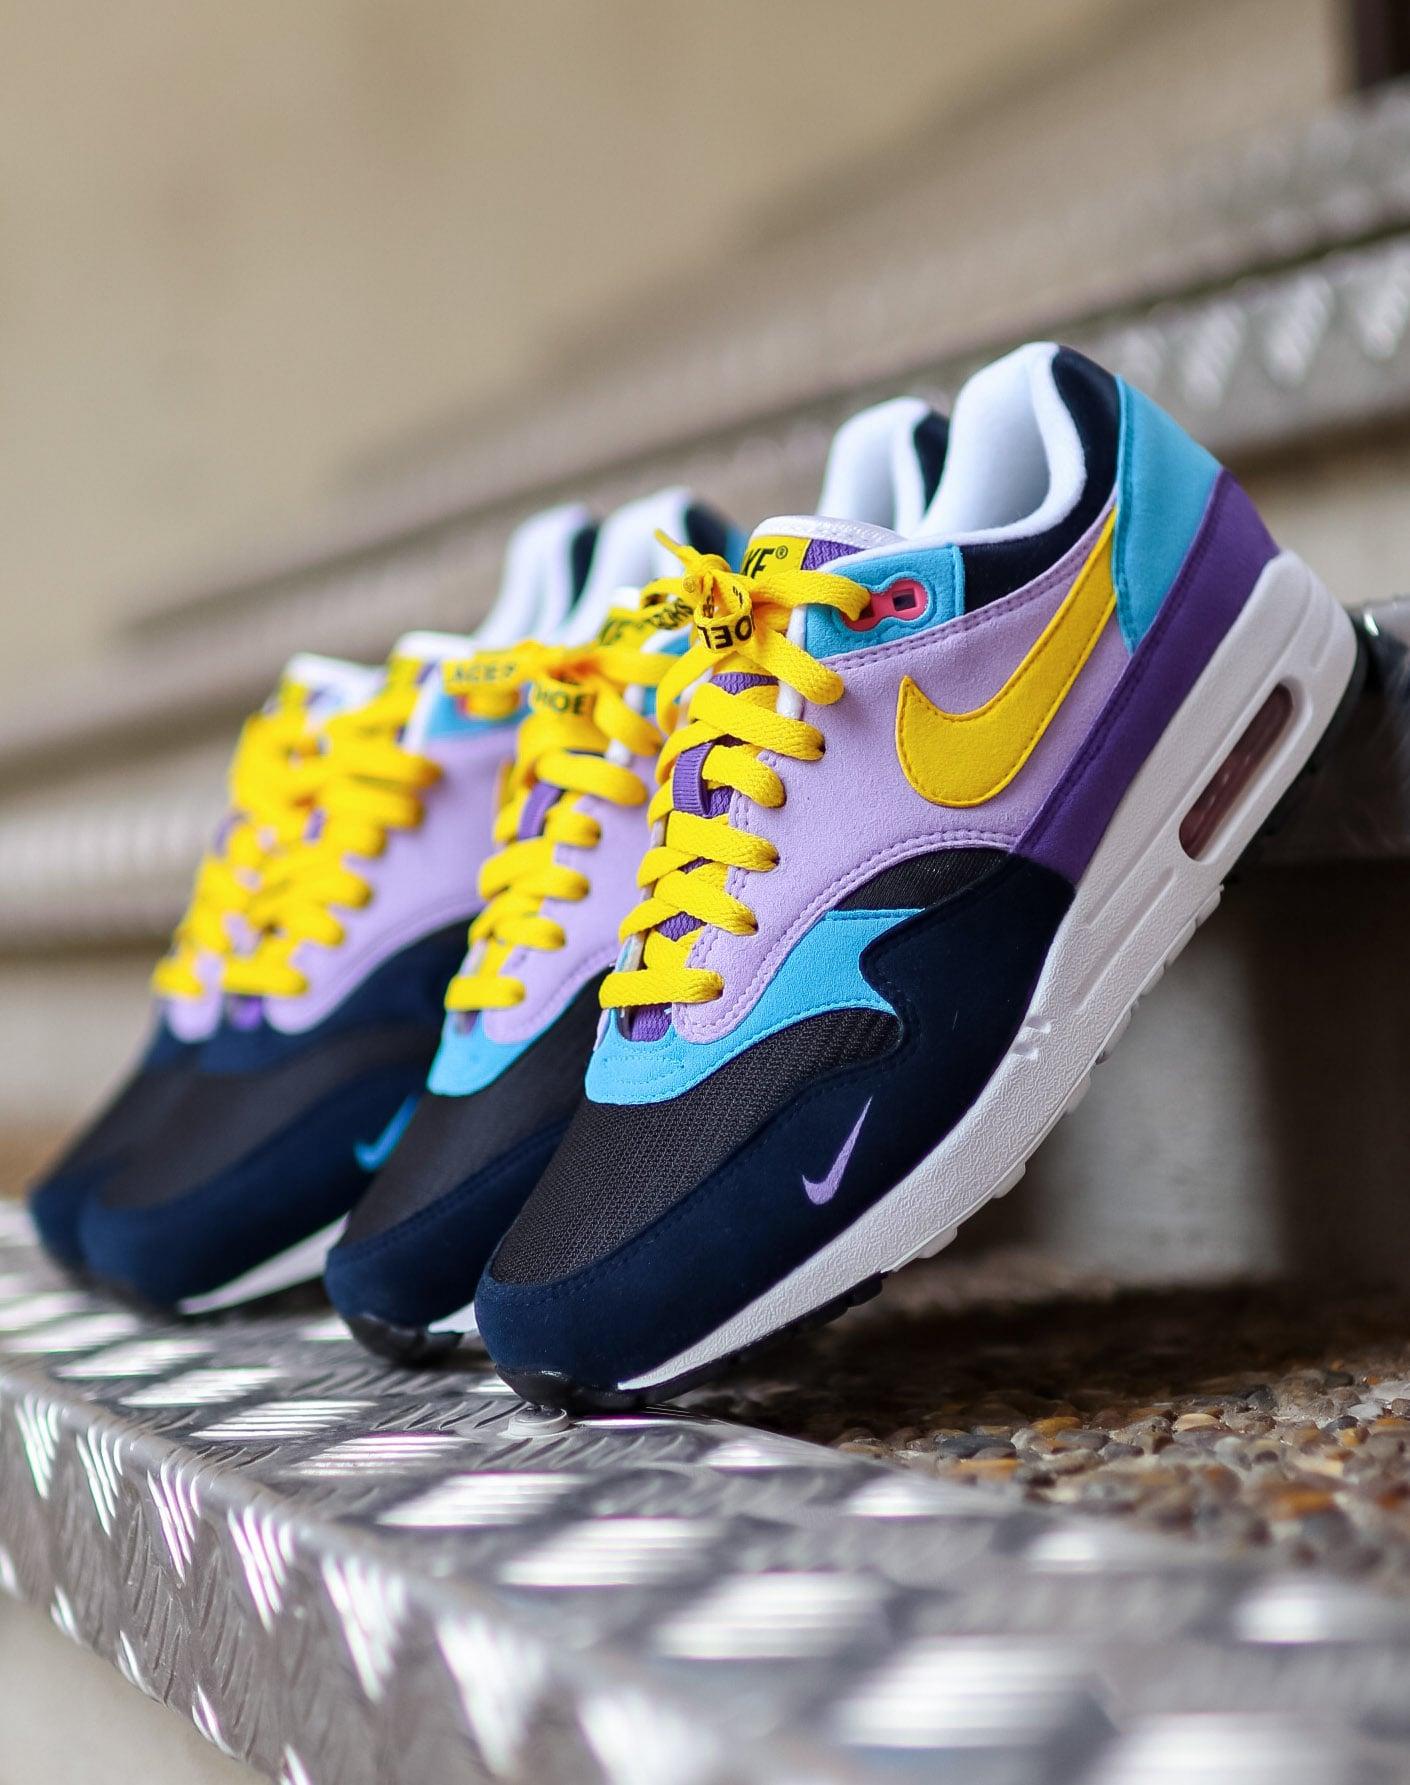 Nike Air Max 1 customs